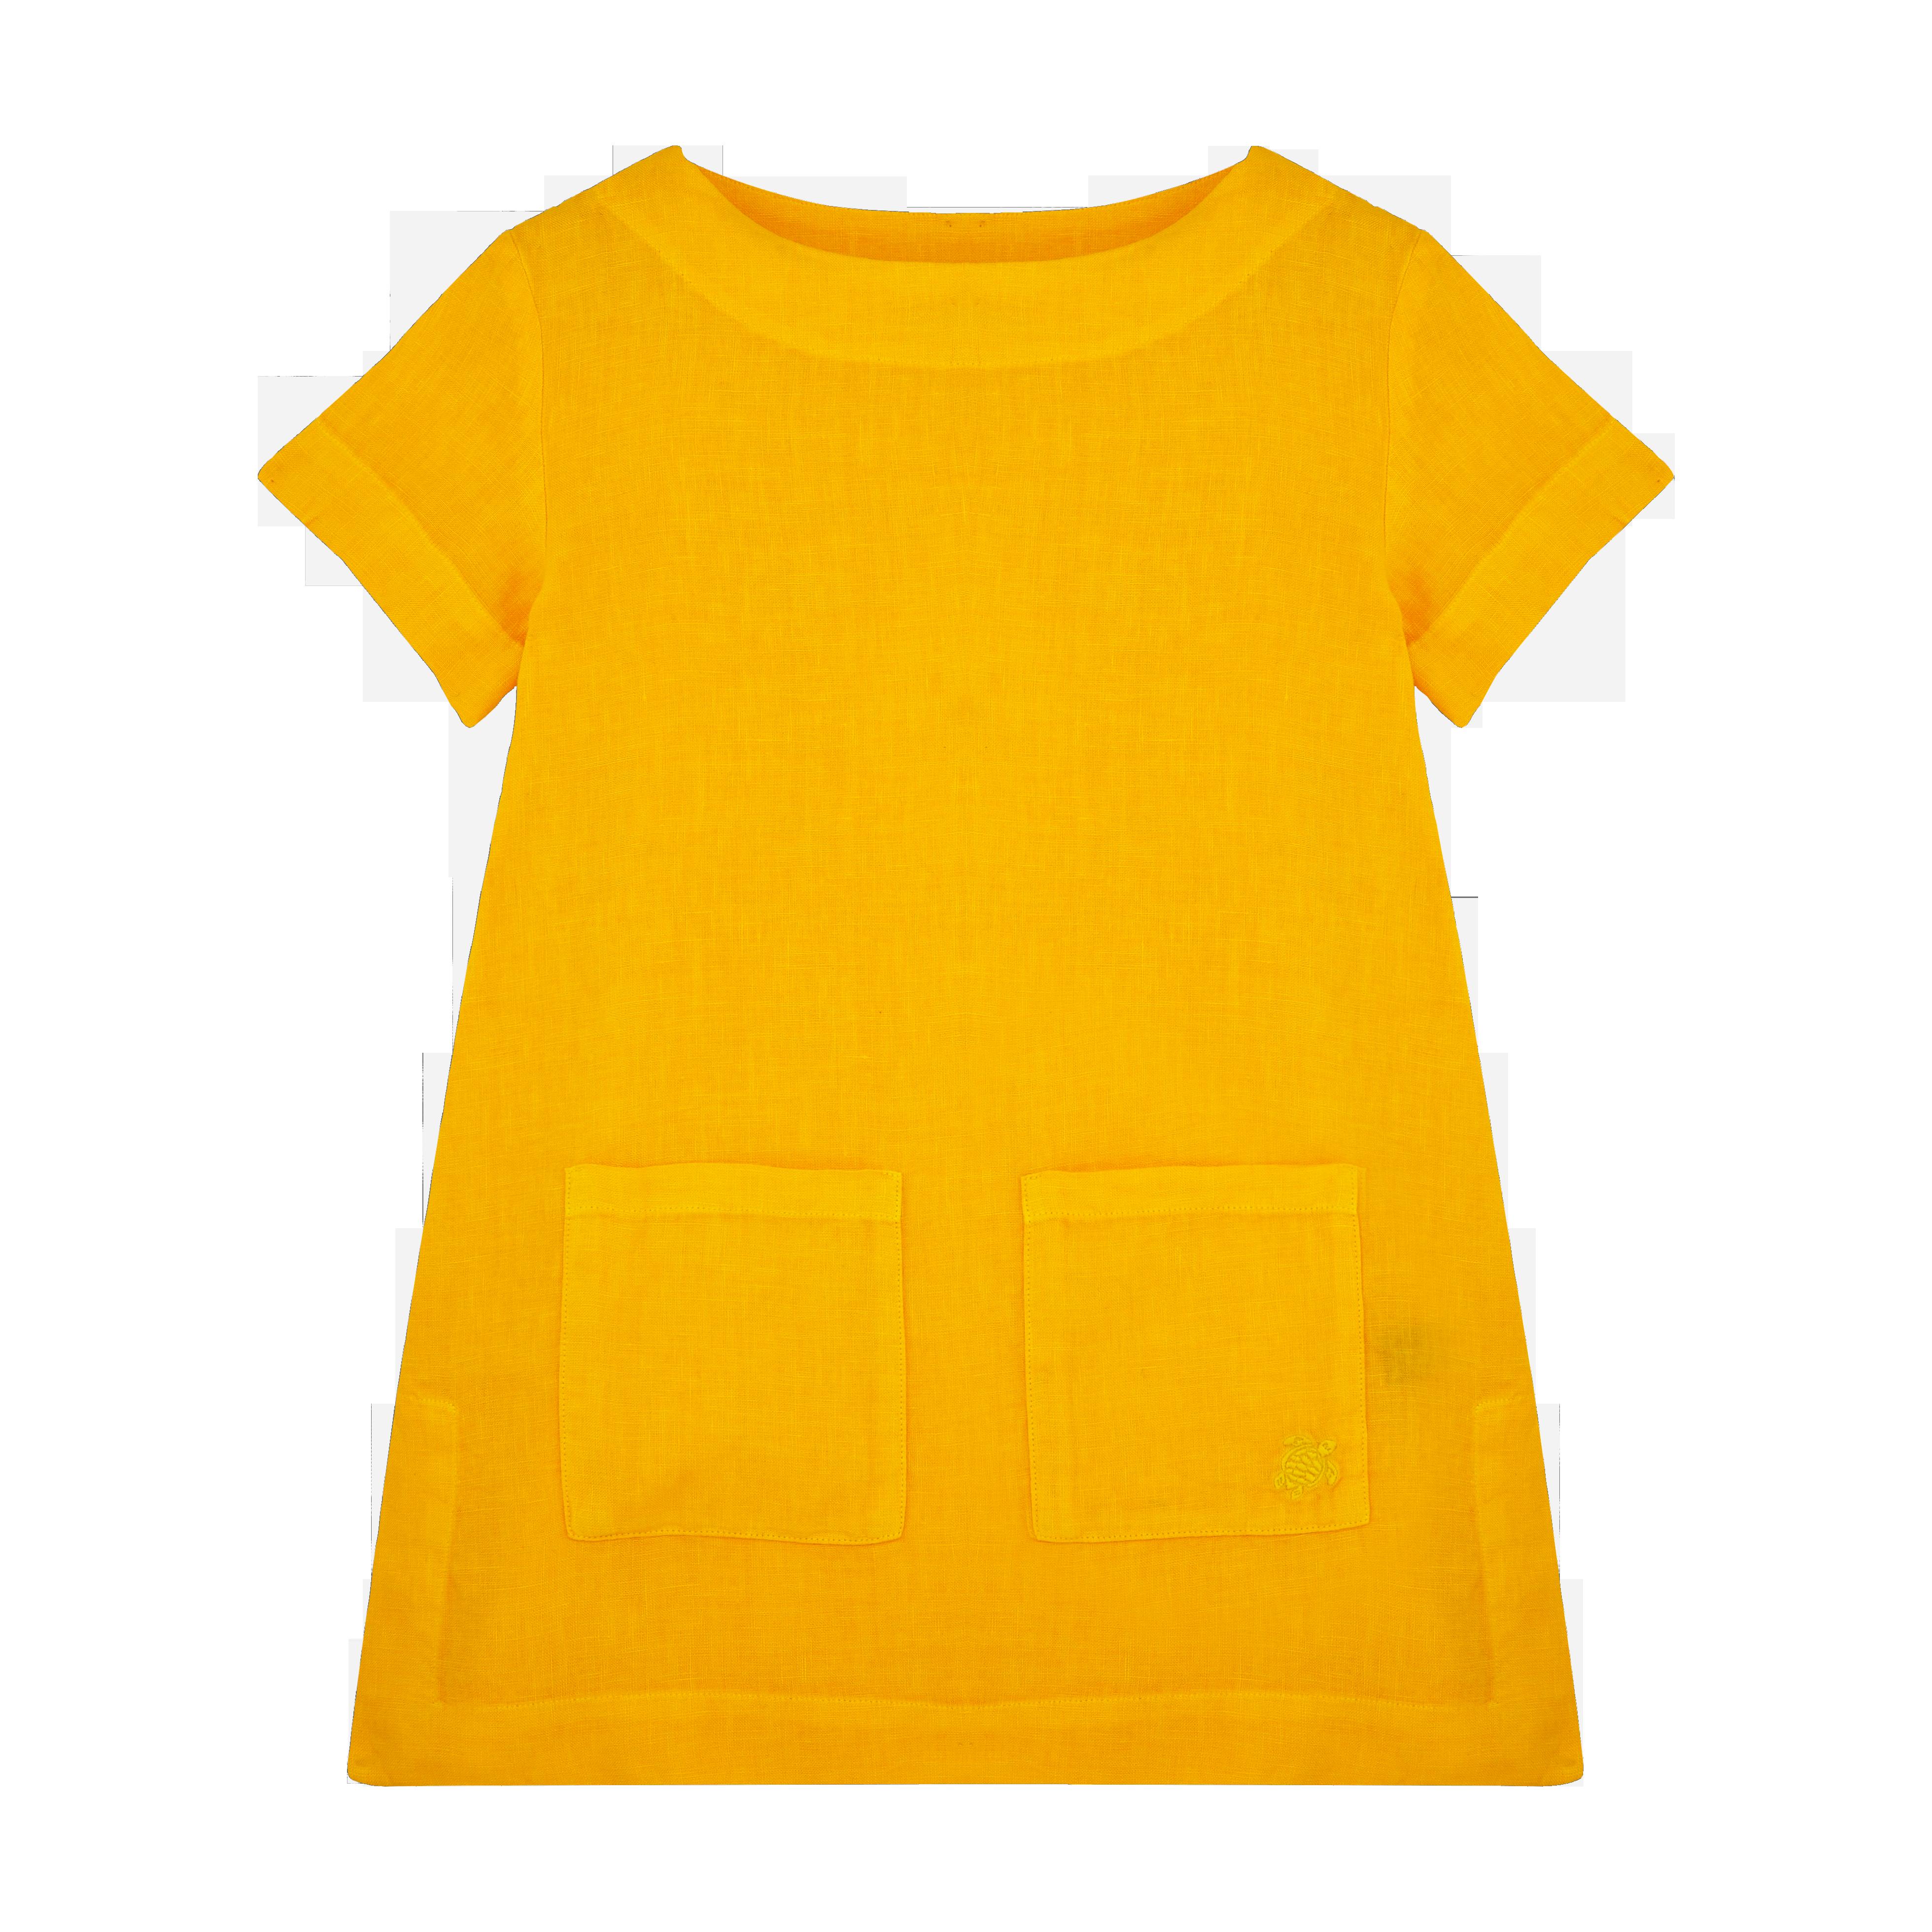 VILEBREQUIN | Girls Ready to Wear - Girls Linen Dress Solid - DRESS - GELATINE - Orange - 14 - Vilebrequin | Goxip